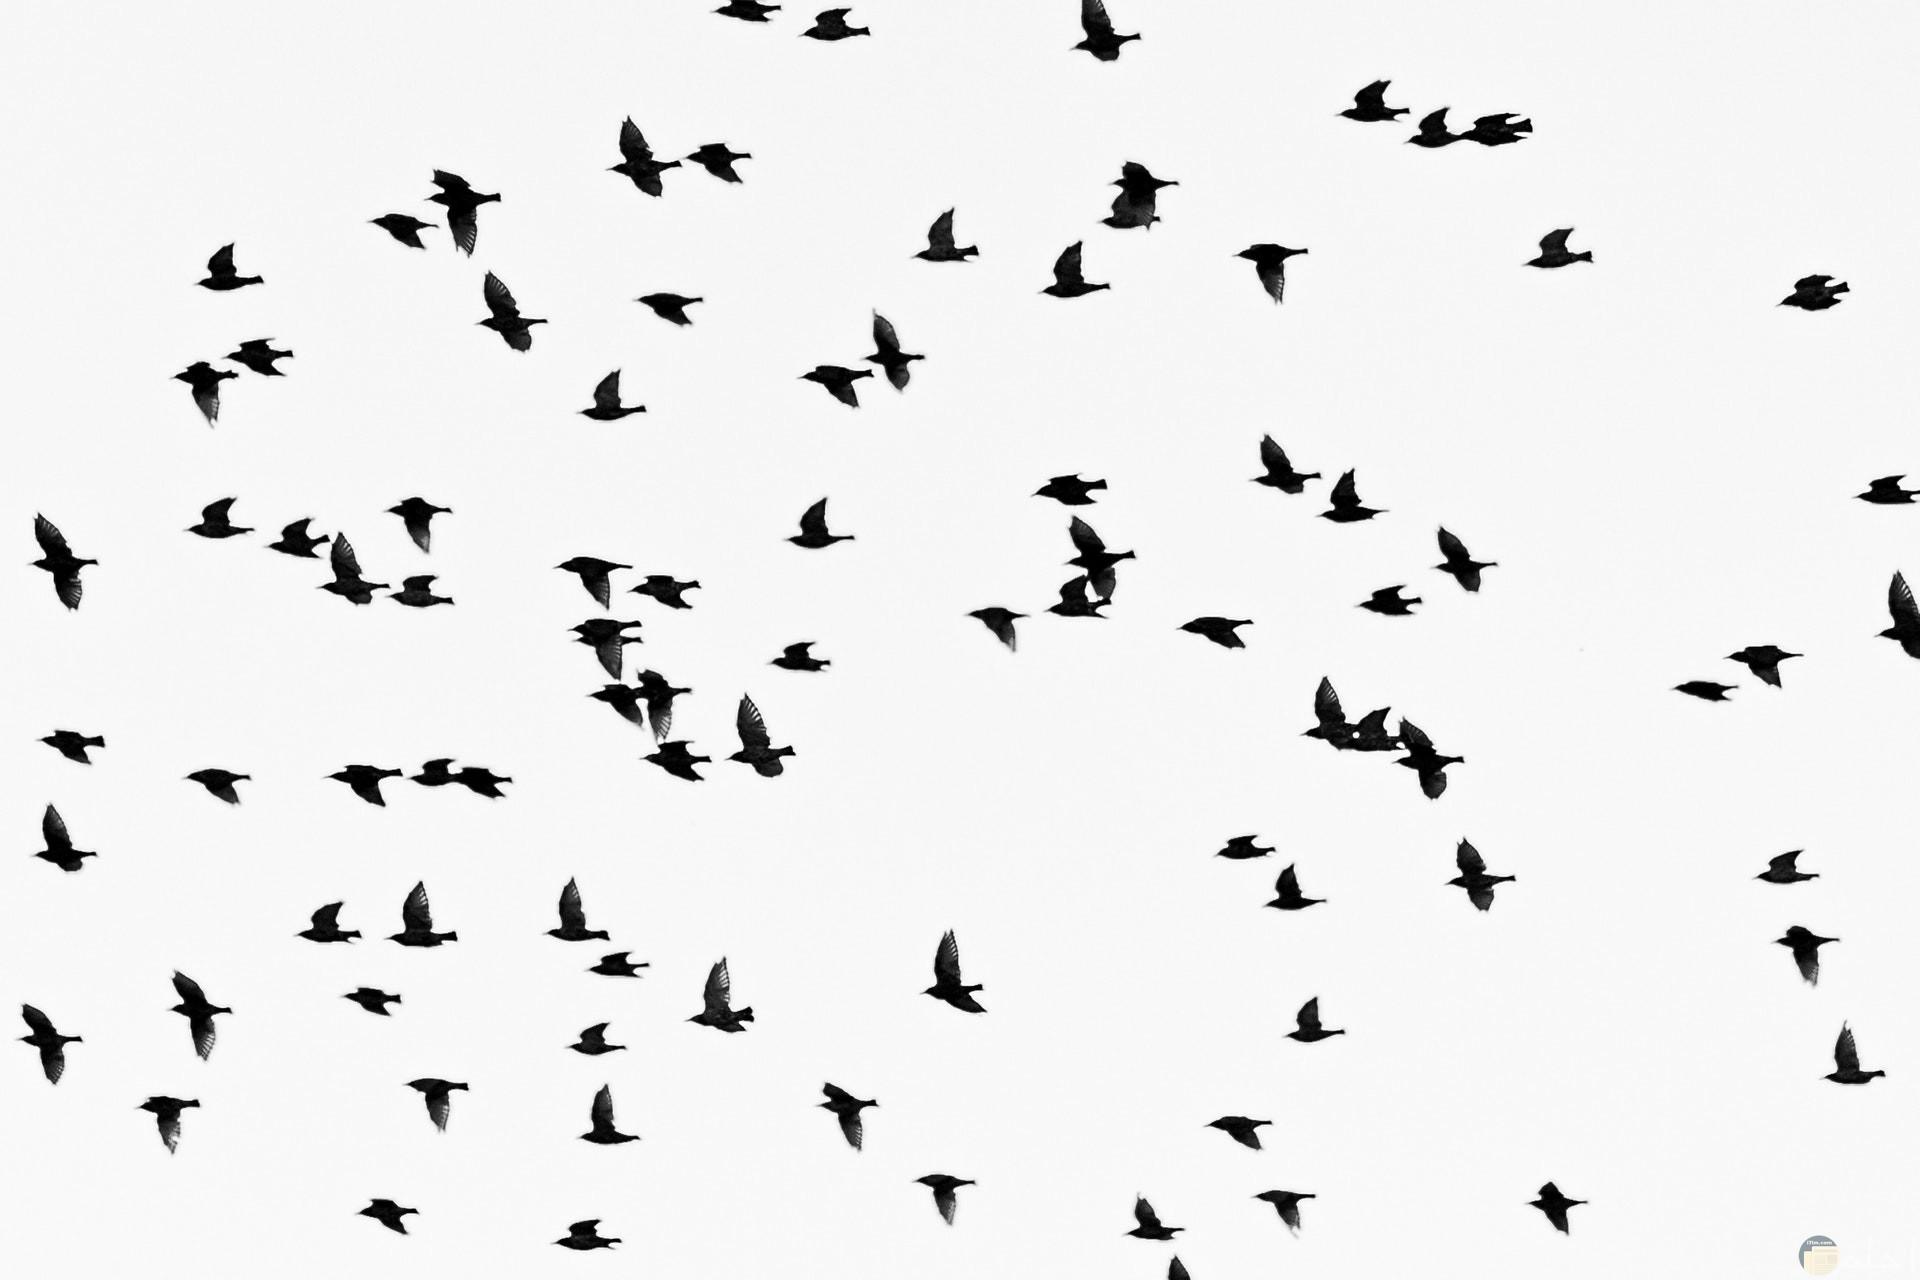 صور أبيض وأسود للتصميم مميزة لطيور تطير مع خلفية بيضاء